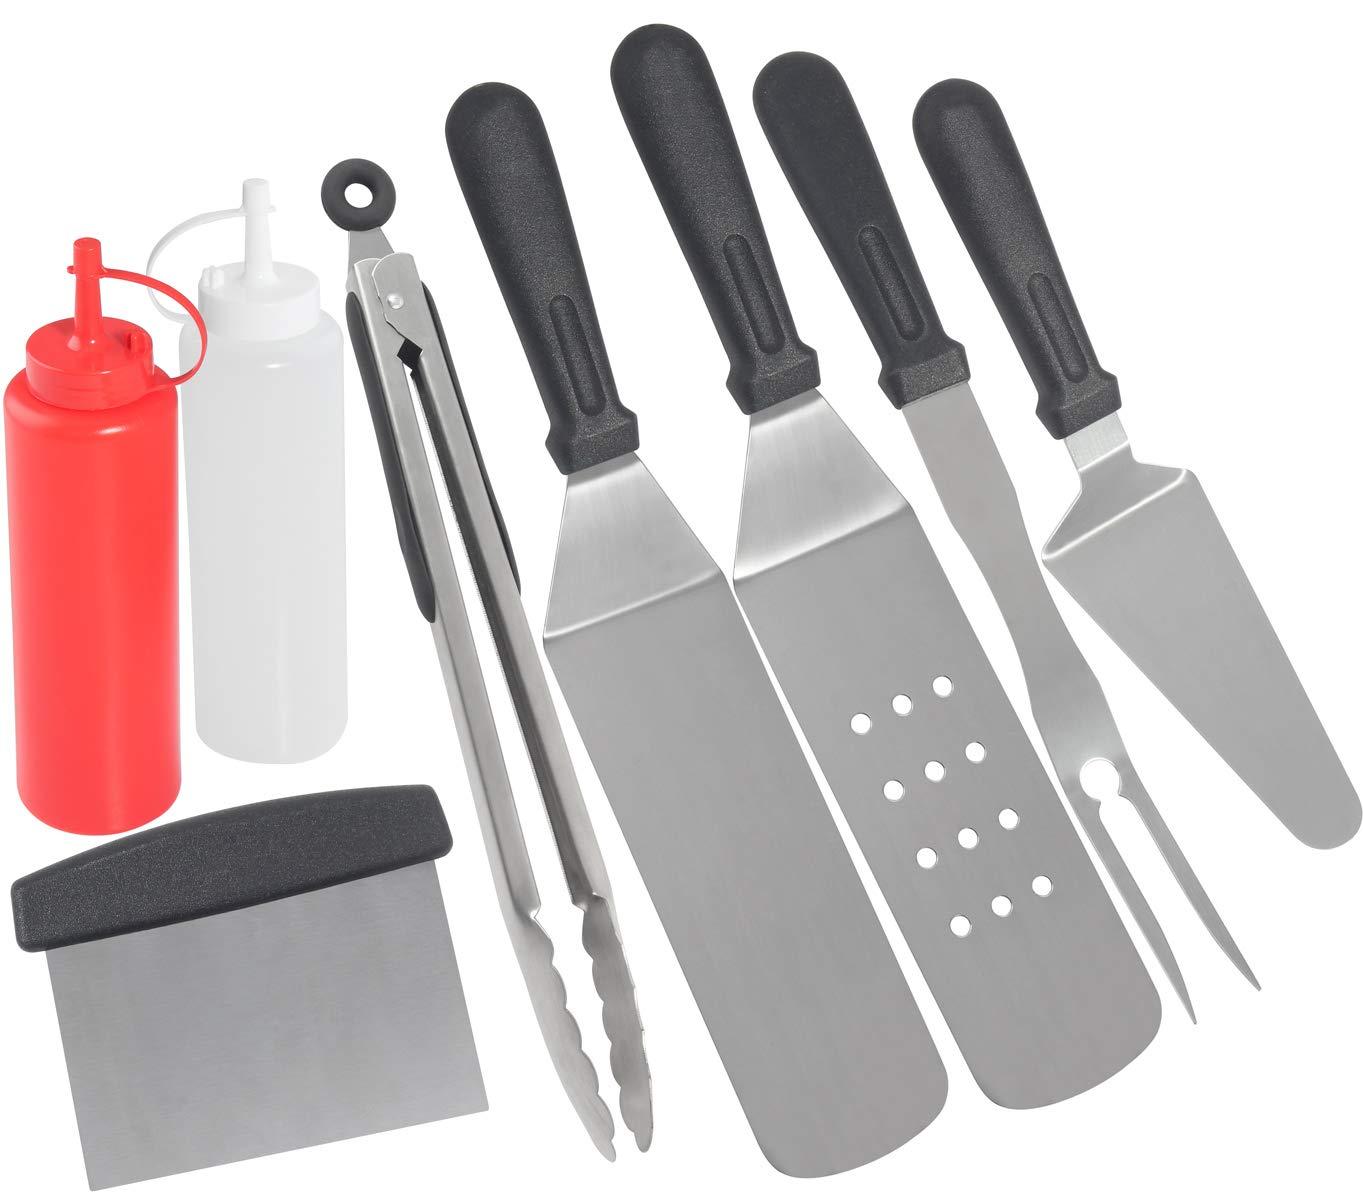 grilljoy 8 Piezas de Accesorios de Plancha con Caja de Envoltorio de Regalo - Espátula de Plancha de Acero Inoxidable Juego con Mango Resistente al ...